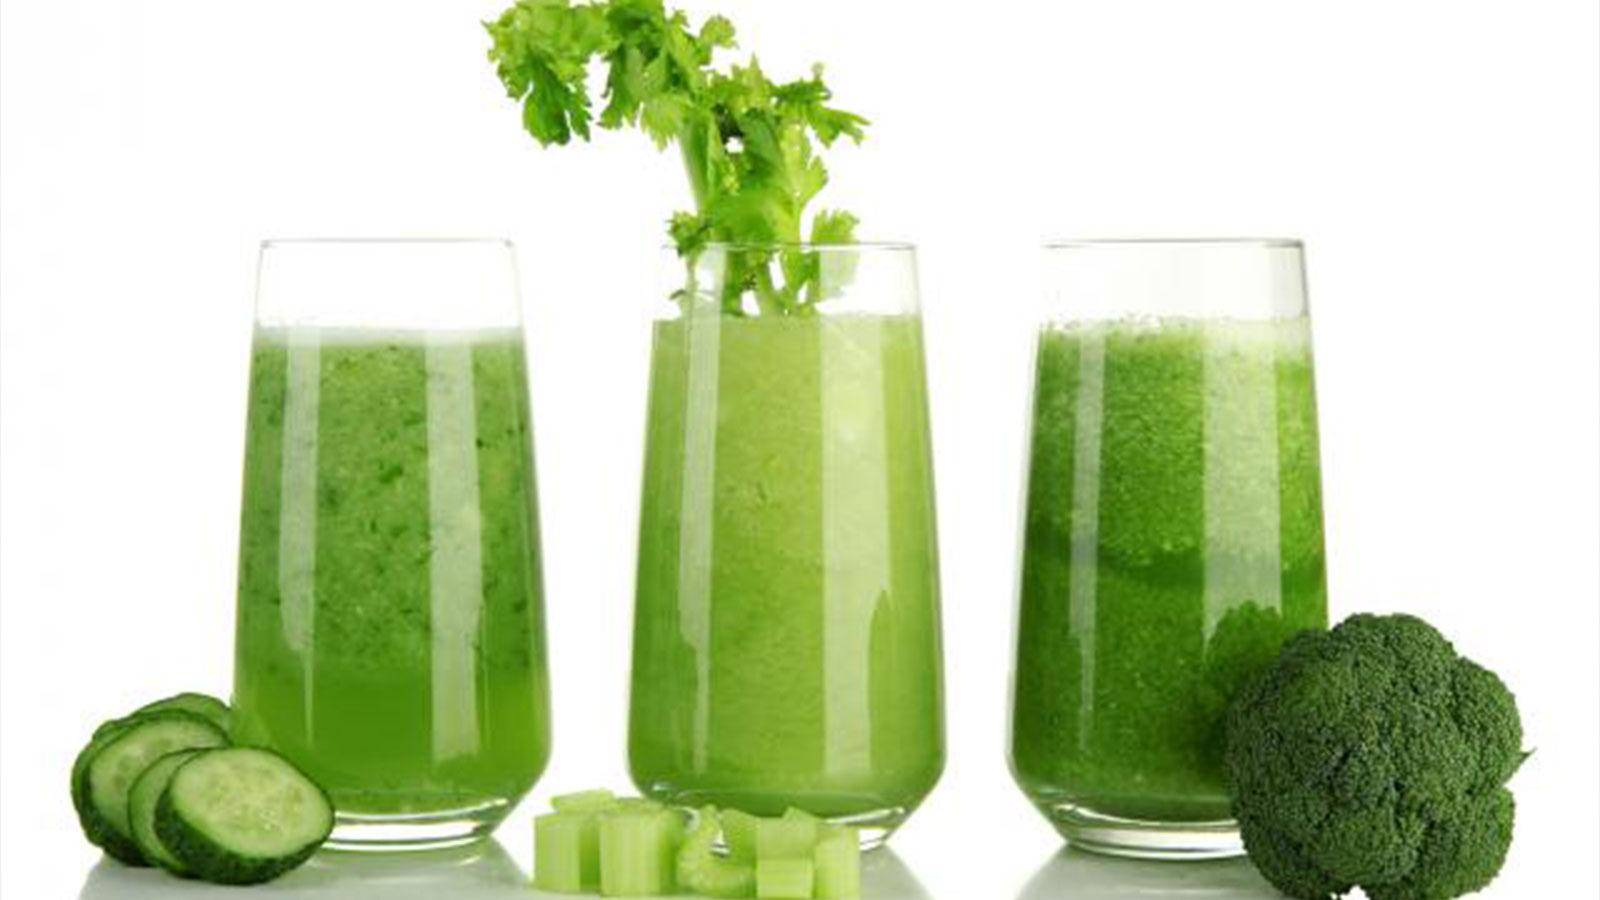 グリーンスムージーダイエット、3つのやり方とより効果を出す方法